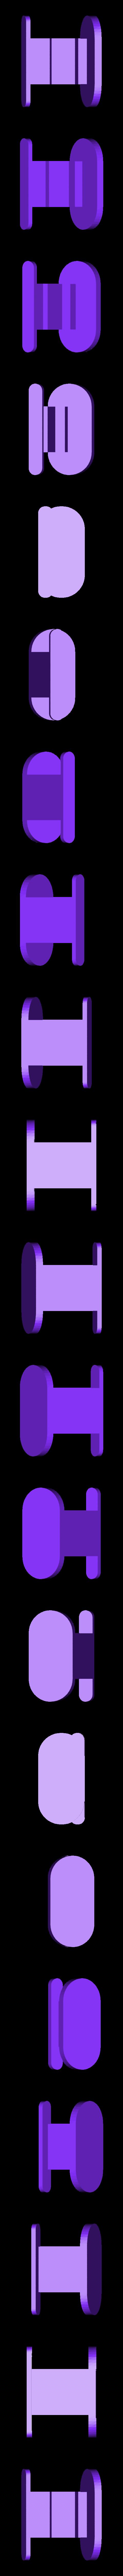 cale20mmv2.1.STL Download free STL file Spacing spacing • 3D printing model, robroy